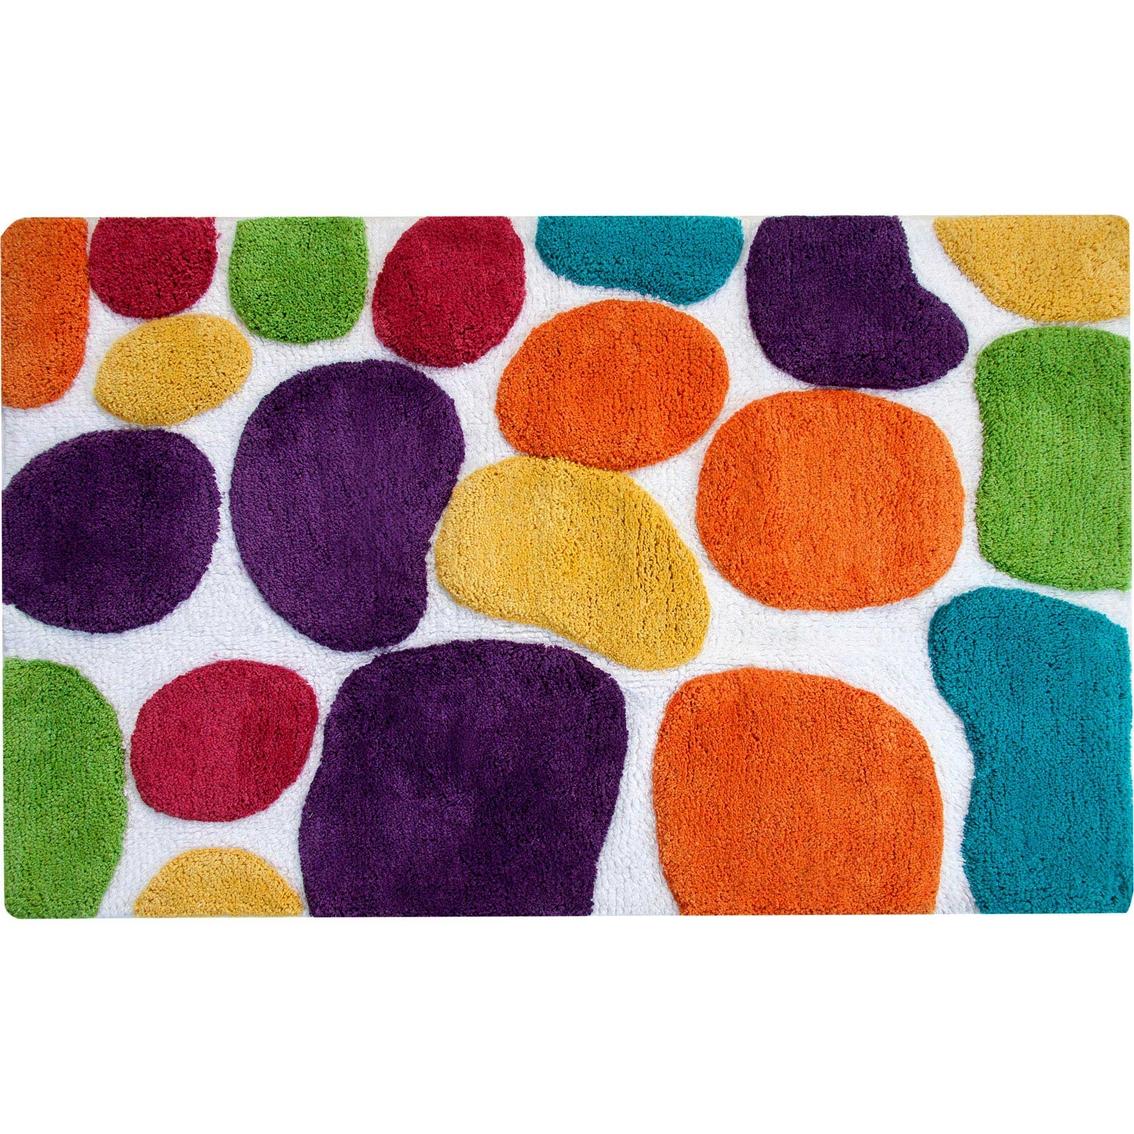 Pebbles Brights Multi Coloured Bath